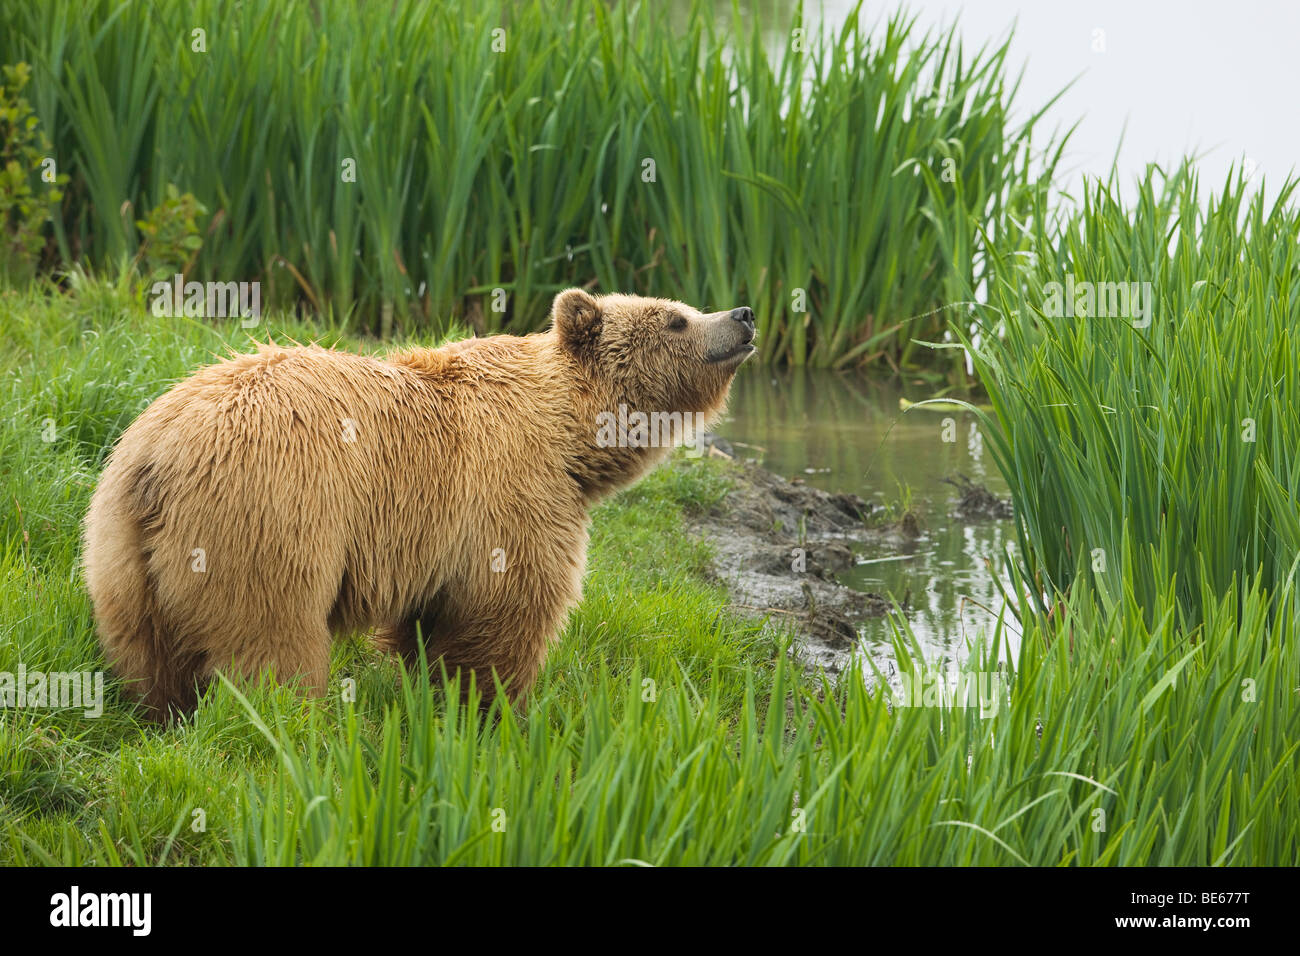 Unión oso pardo (Ursus arctos) de pie en el borde de las aguas mientras olfatear el aire. Imagen De Stock